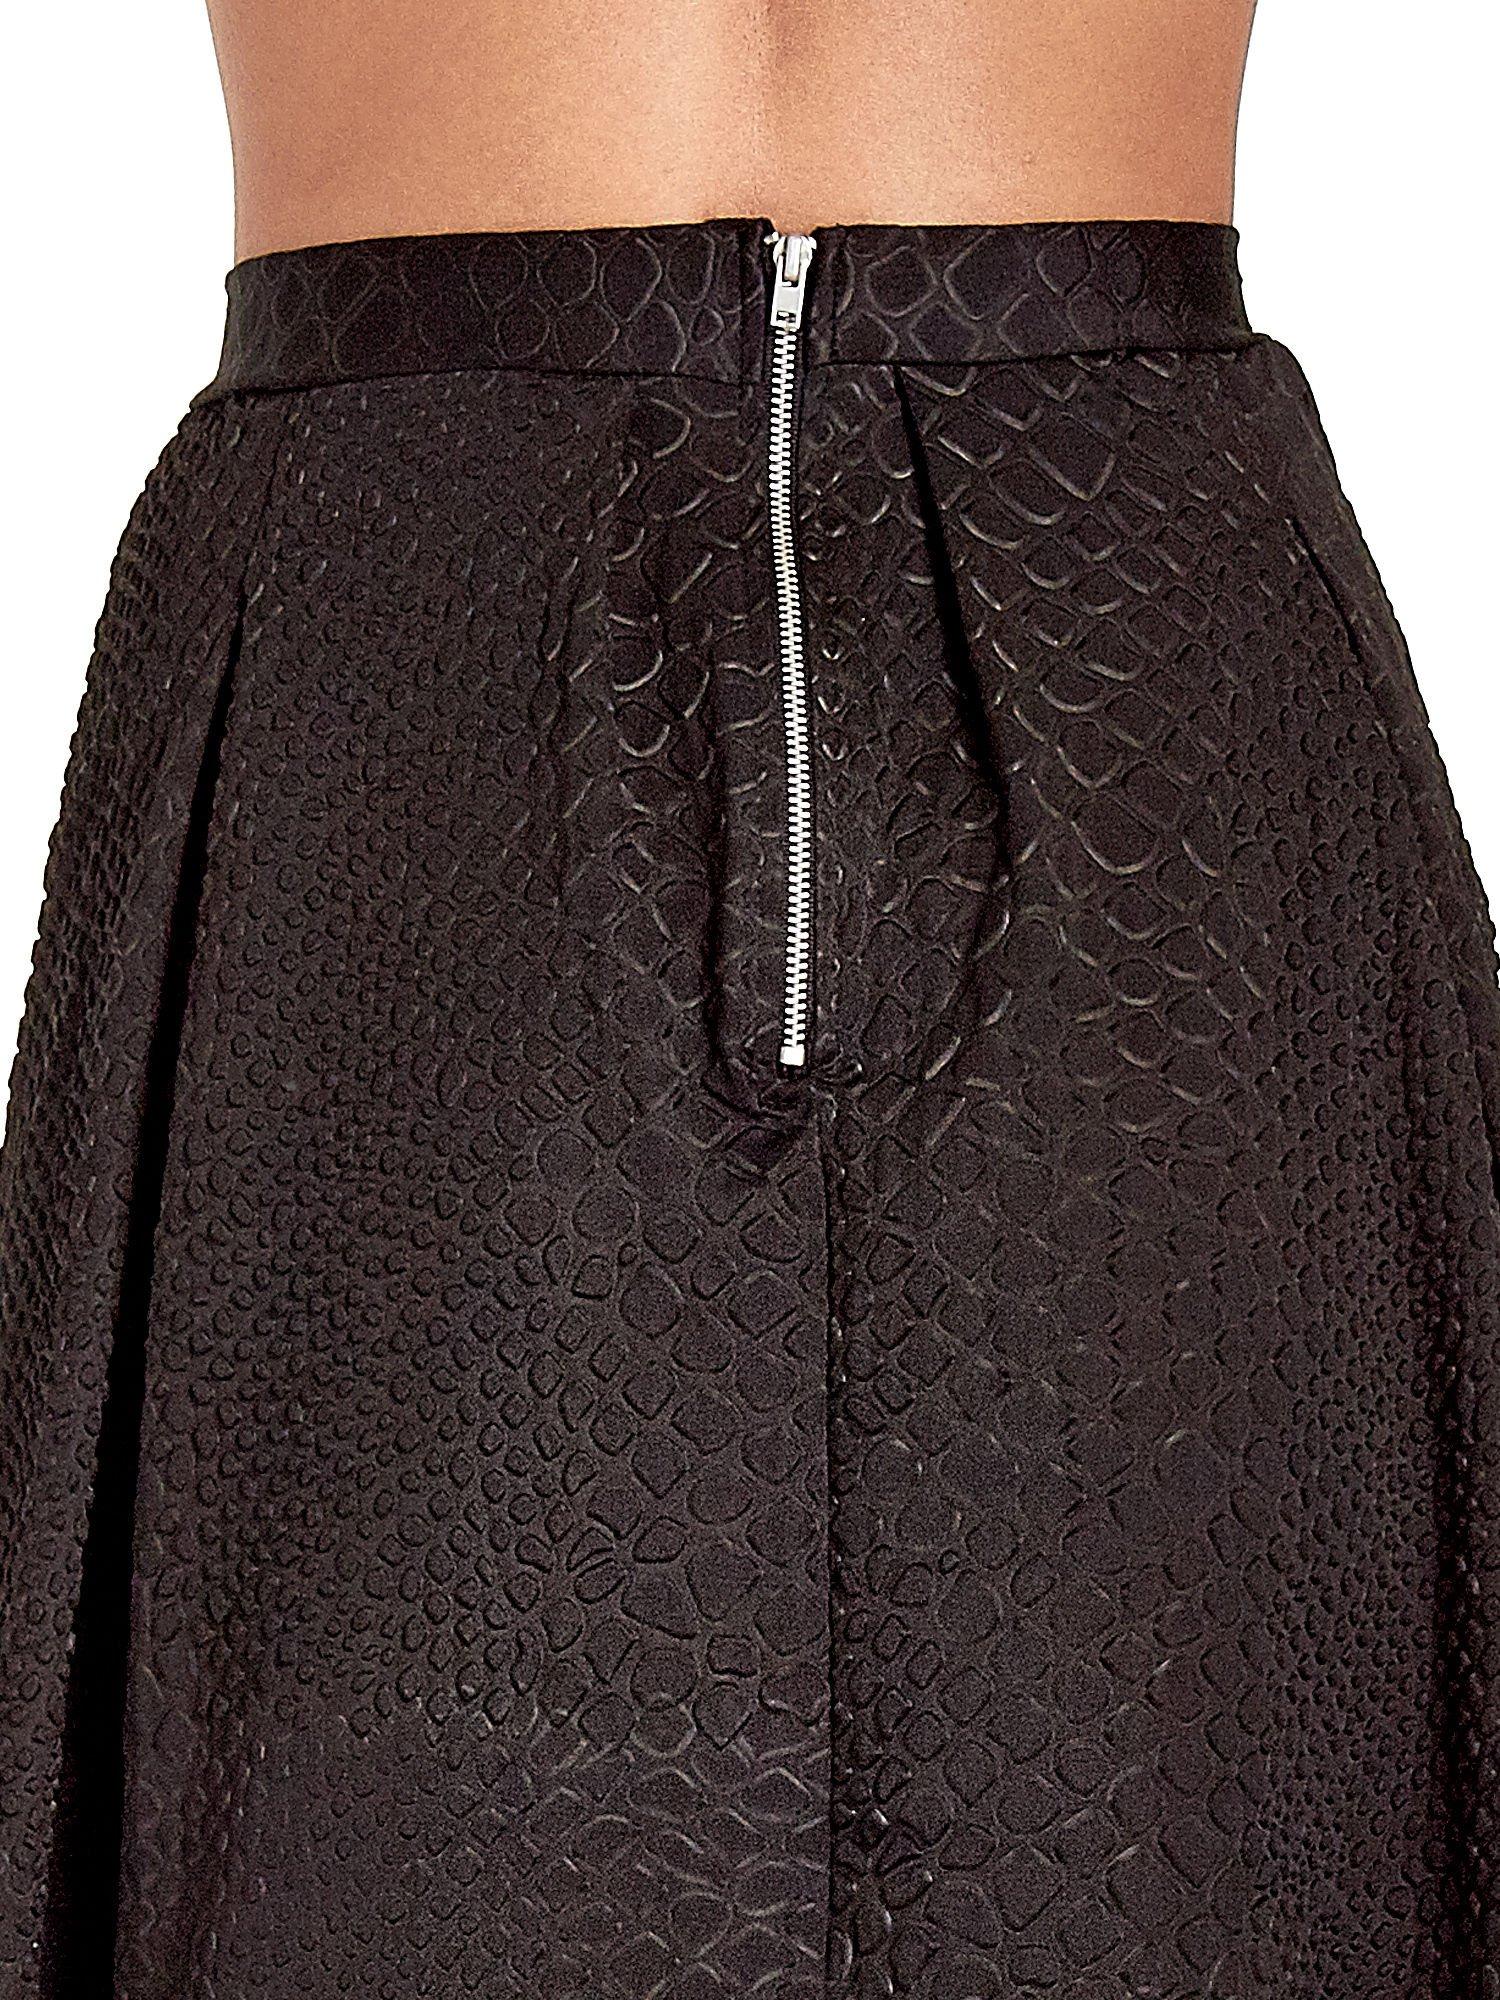 Czarna spódnica midi z kontrafałdami we wzór skóry węża                                  zdj.                                  7